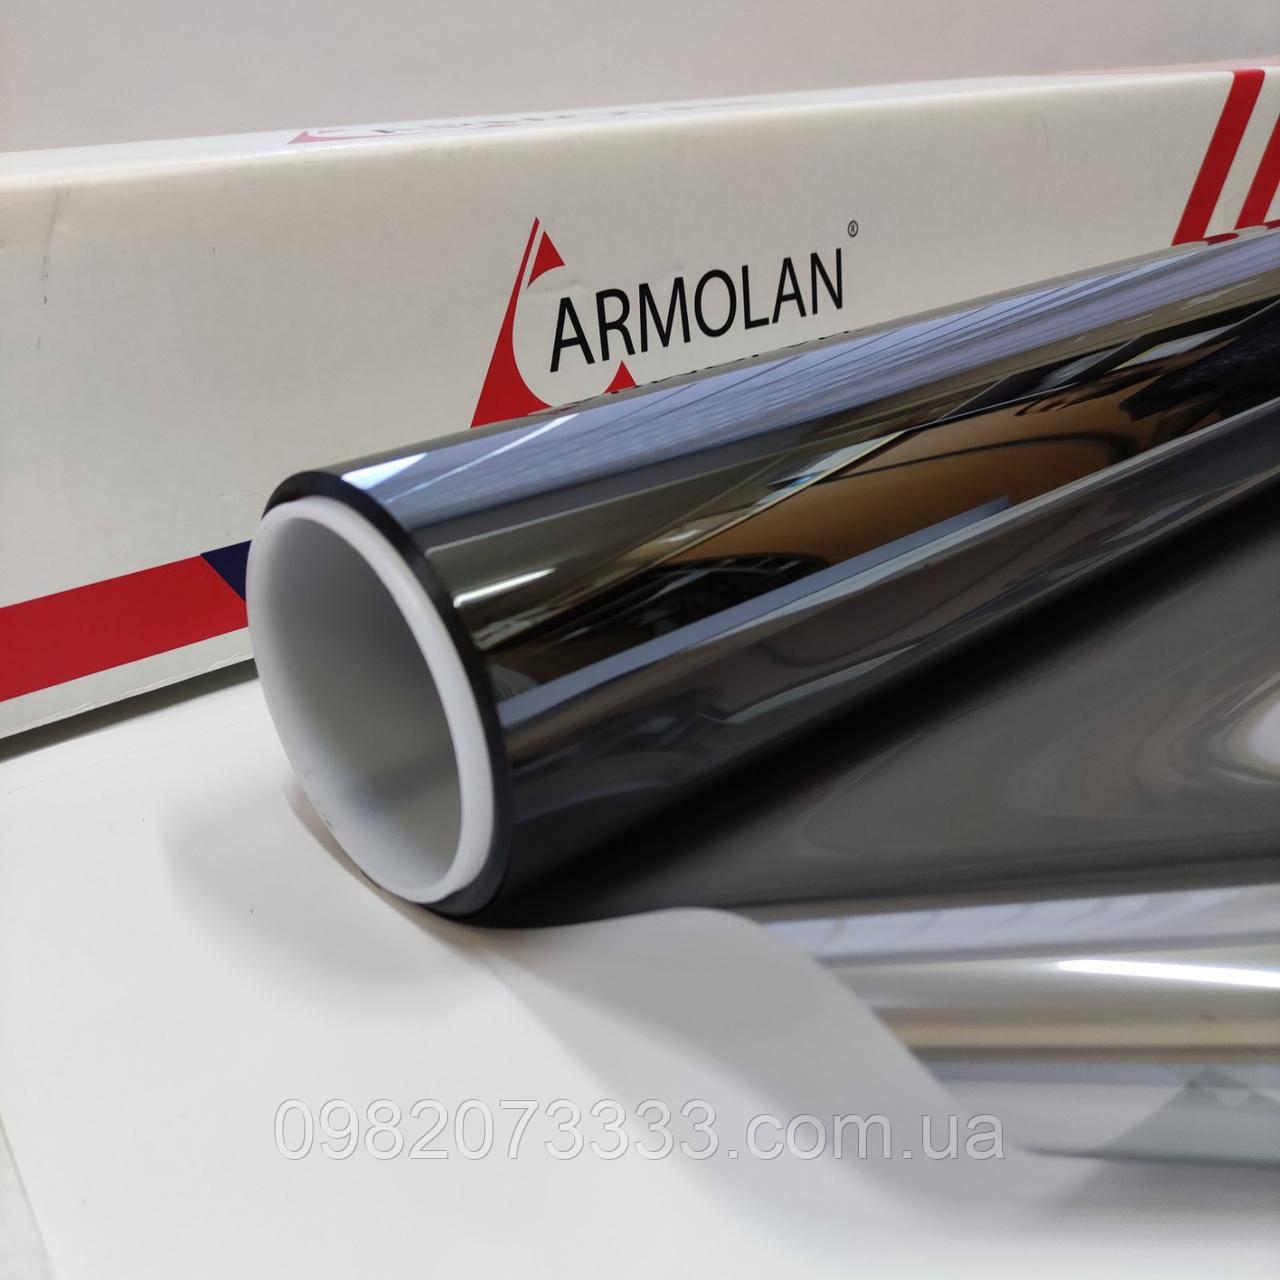 Armolan HP Platinum 35 солнцезащитная металлизированная плёнка для внутренней поклейки (1,524) (кв.м)